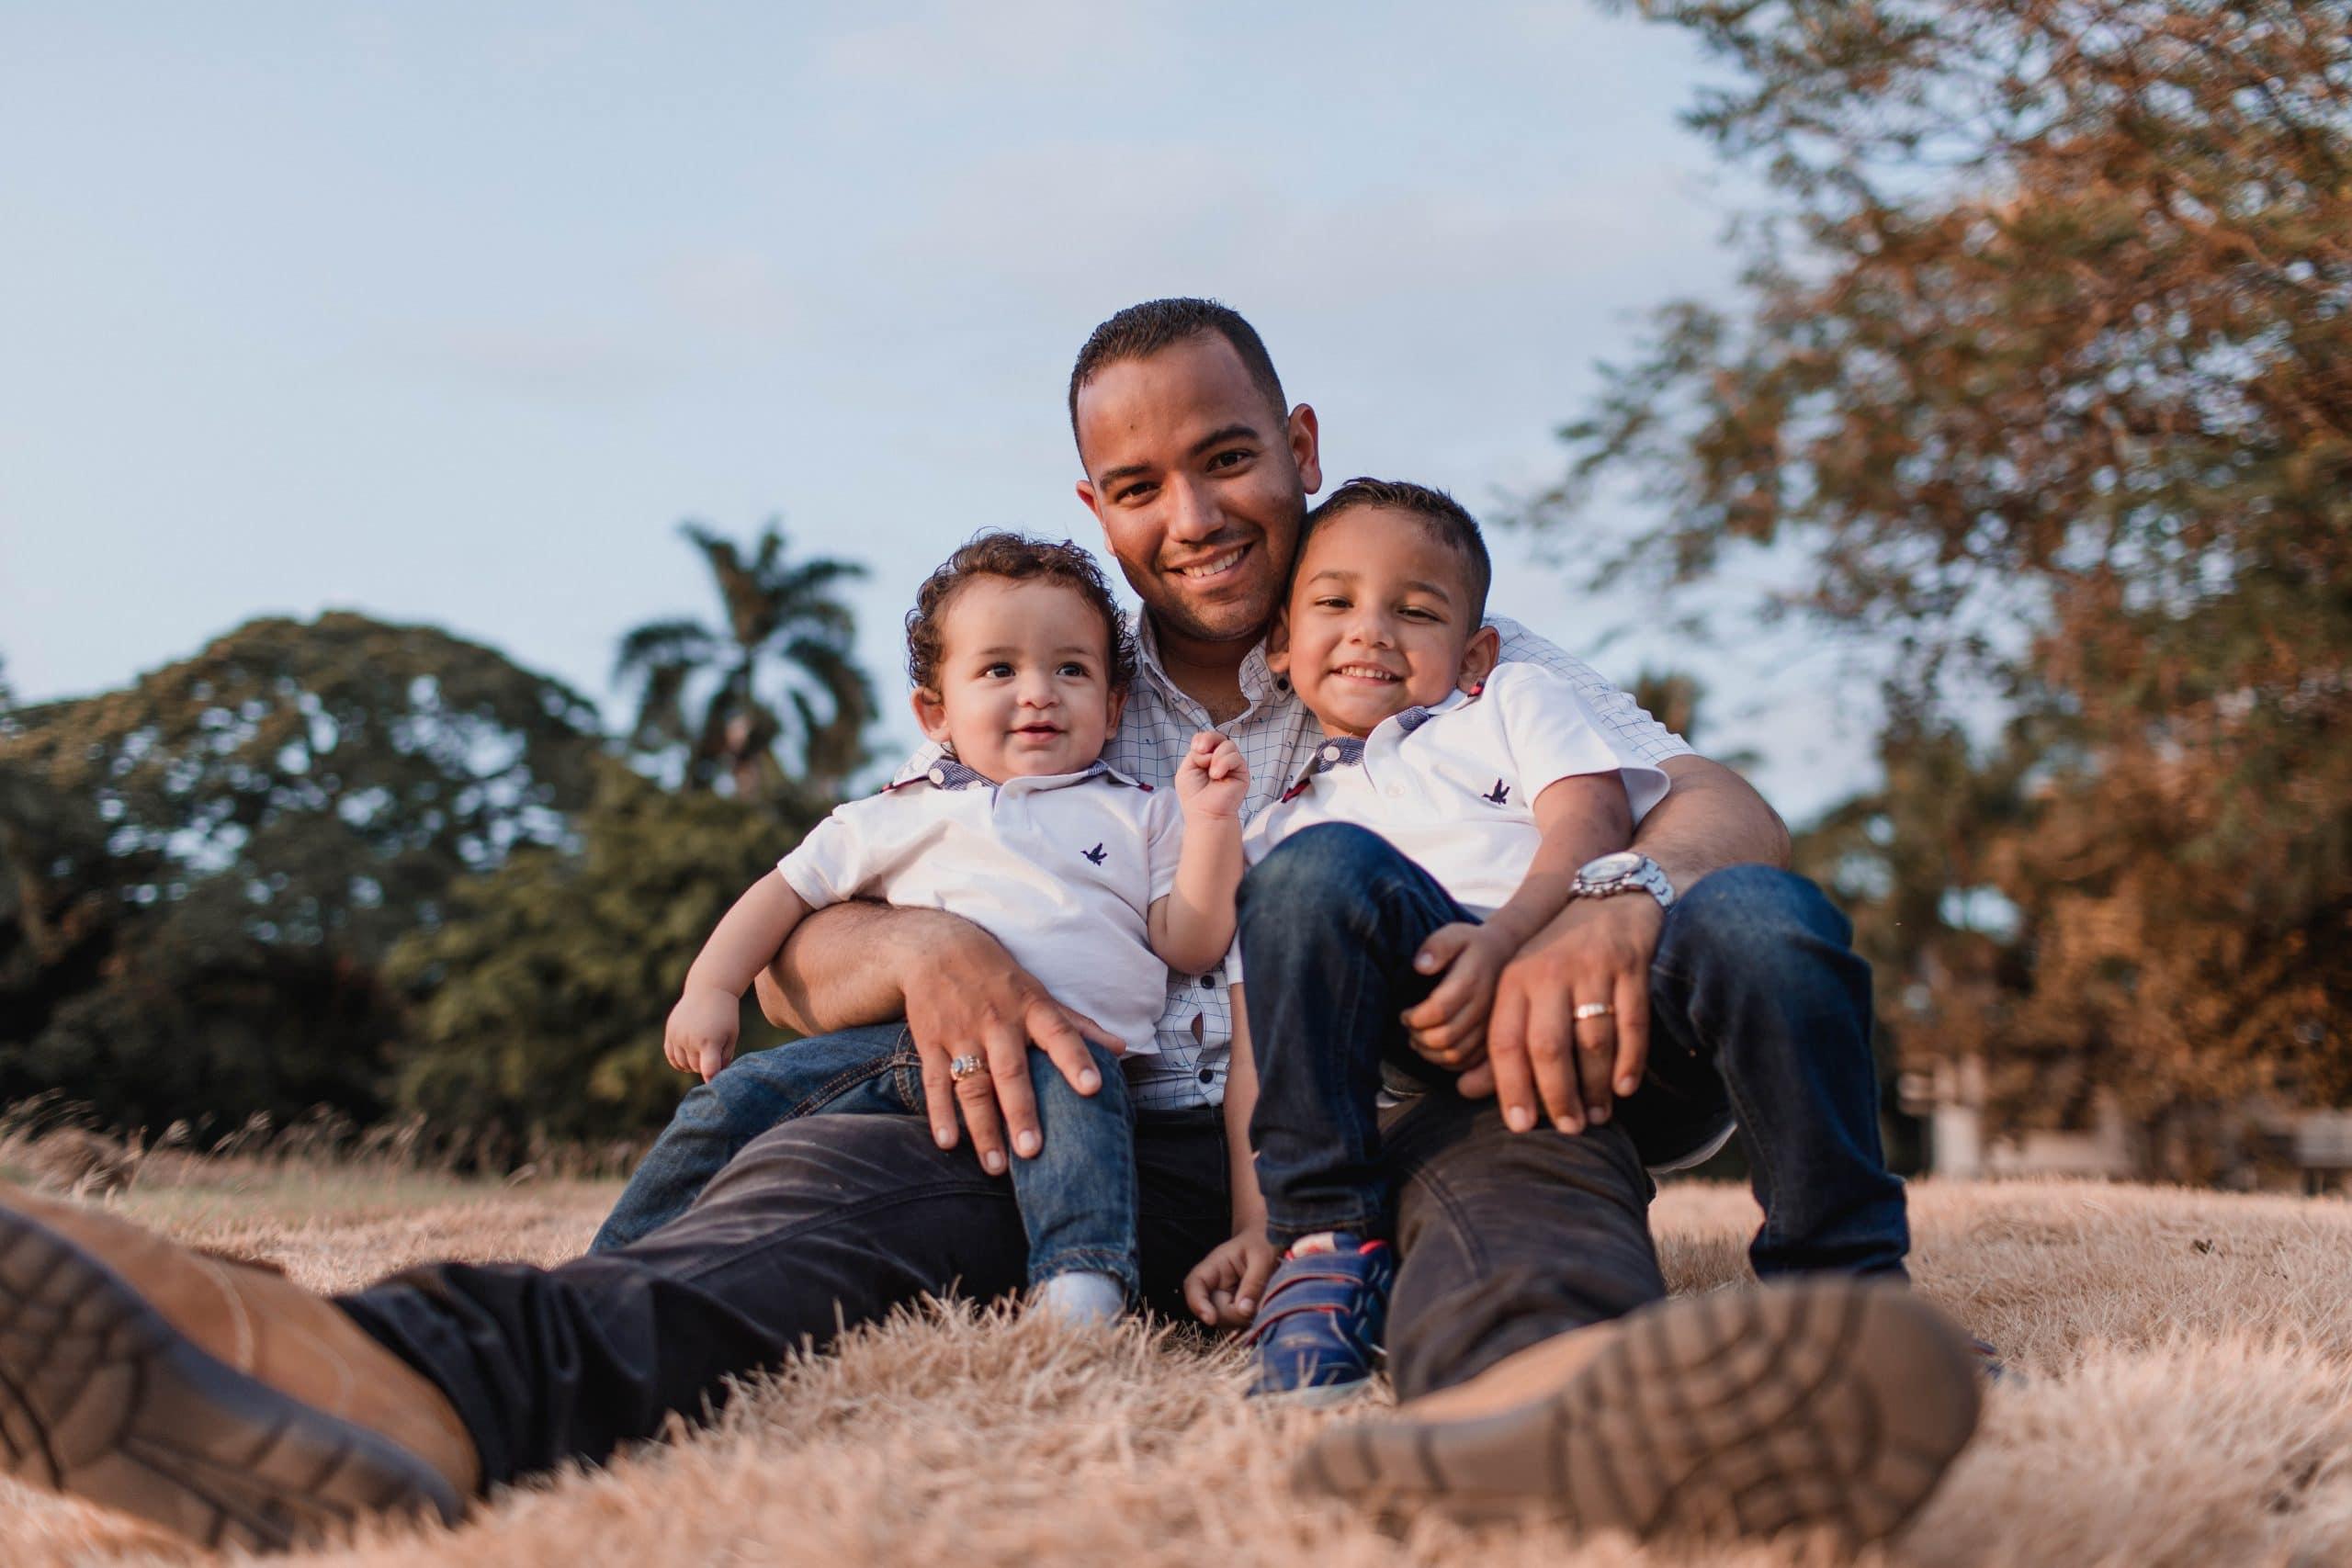 Pai segura seus dois filhos no colo, os três sentados na grama em um campo aberto. Todos sorriem.